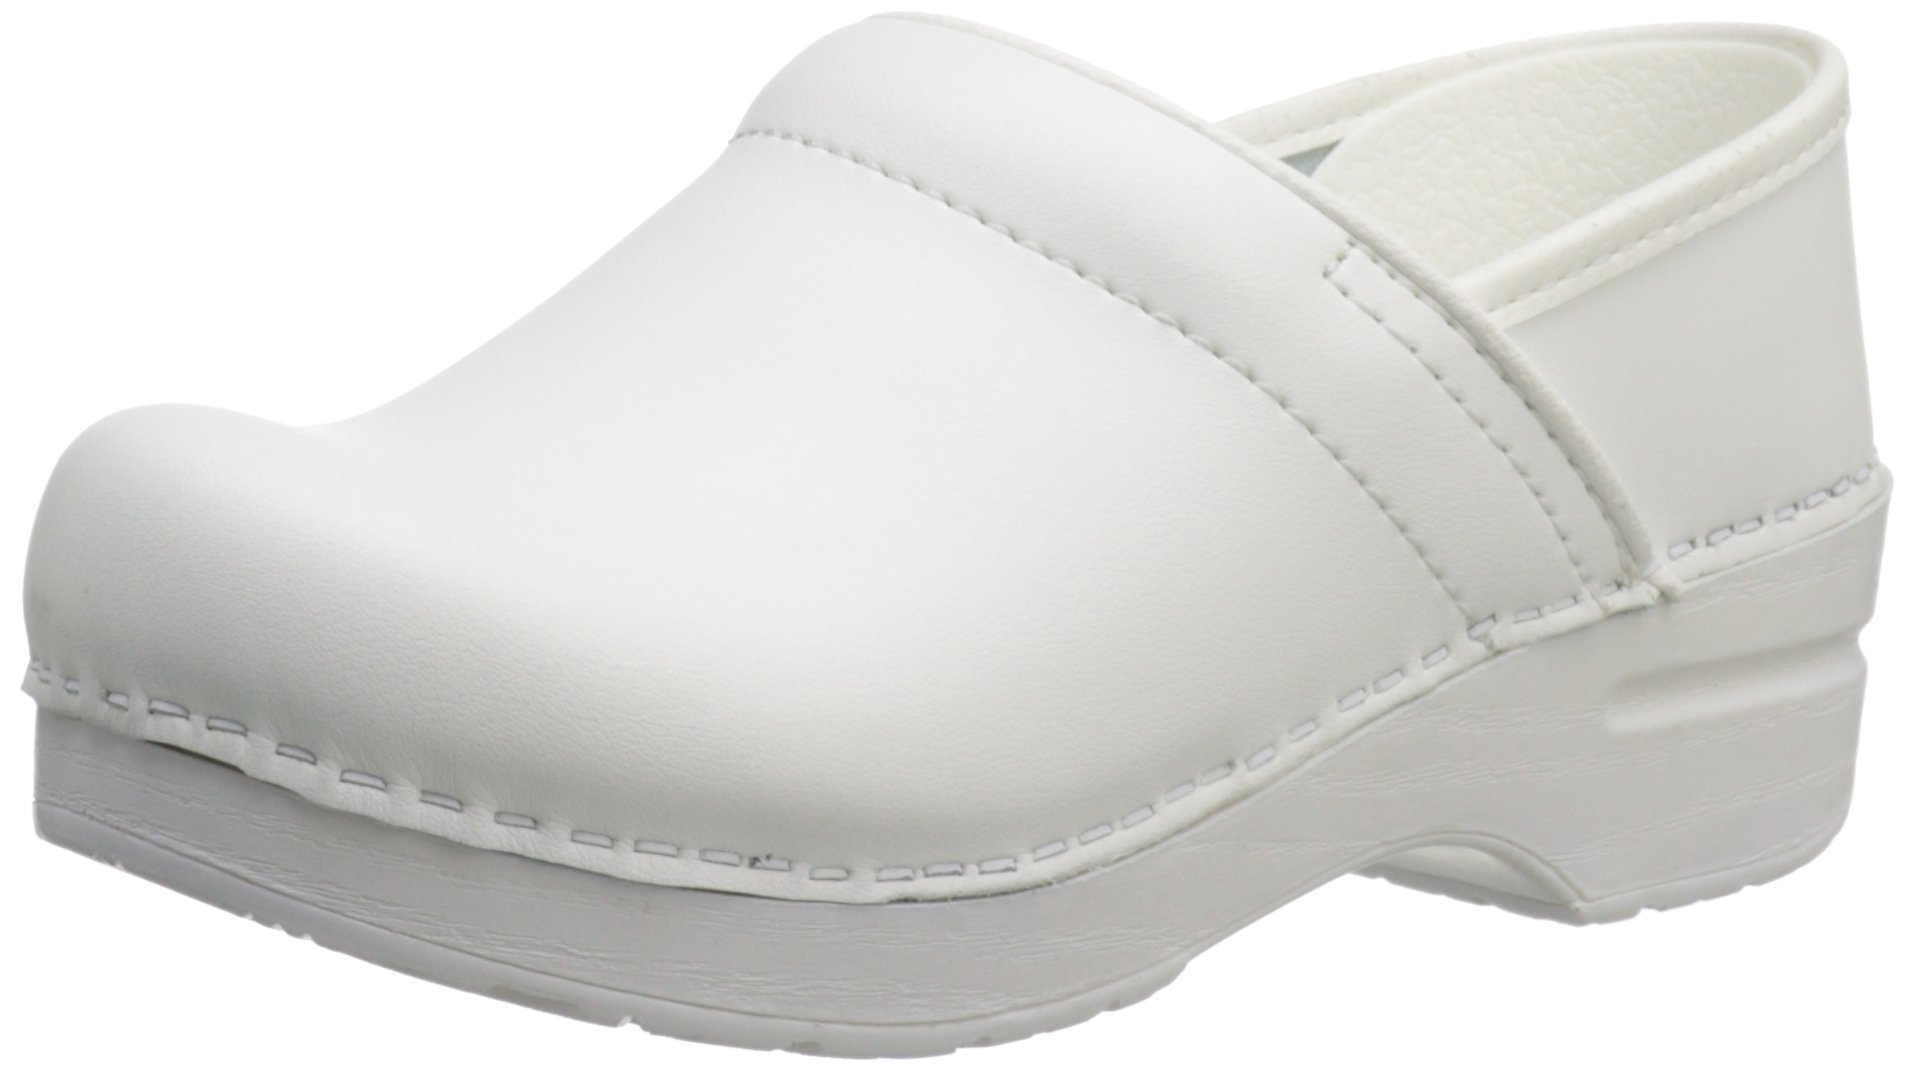 Dansko Women's Wide Pro Clog,White,37 EU/7 W US by Dansko